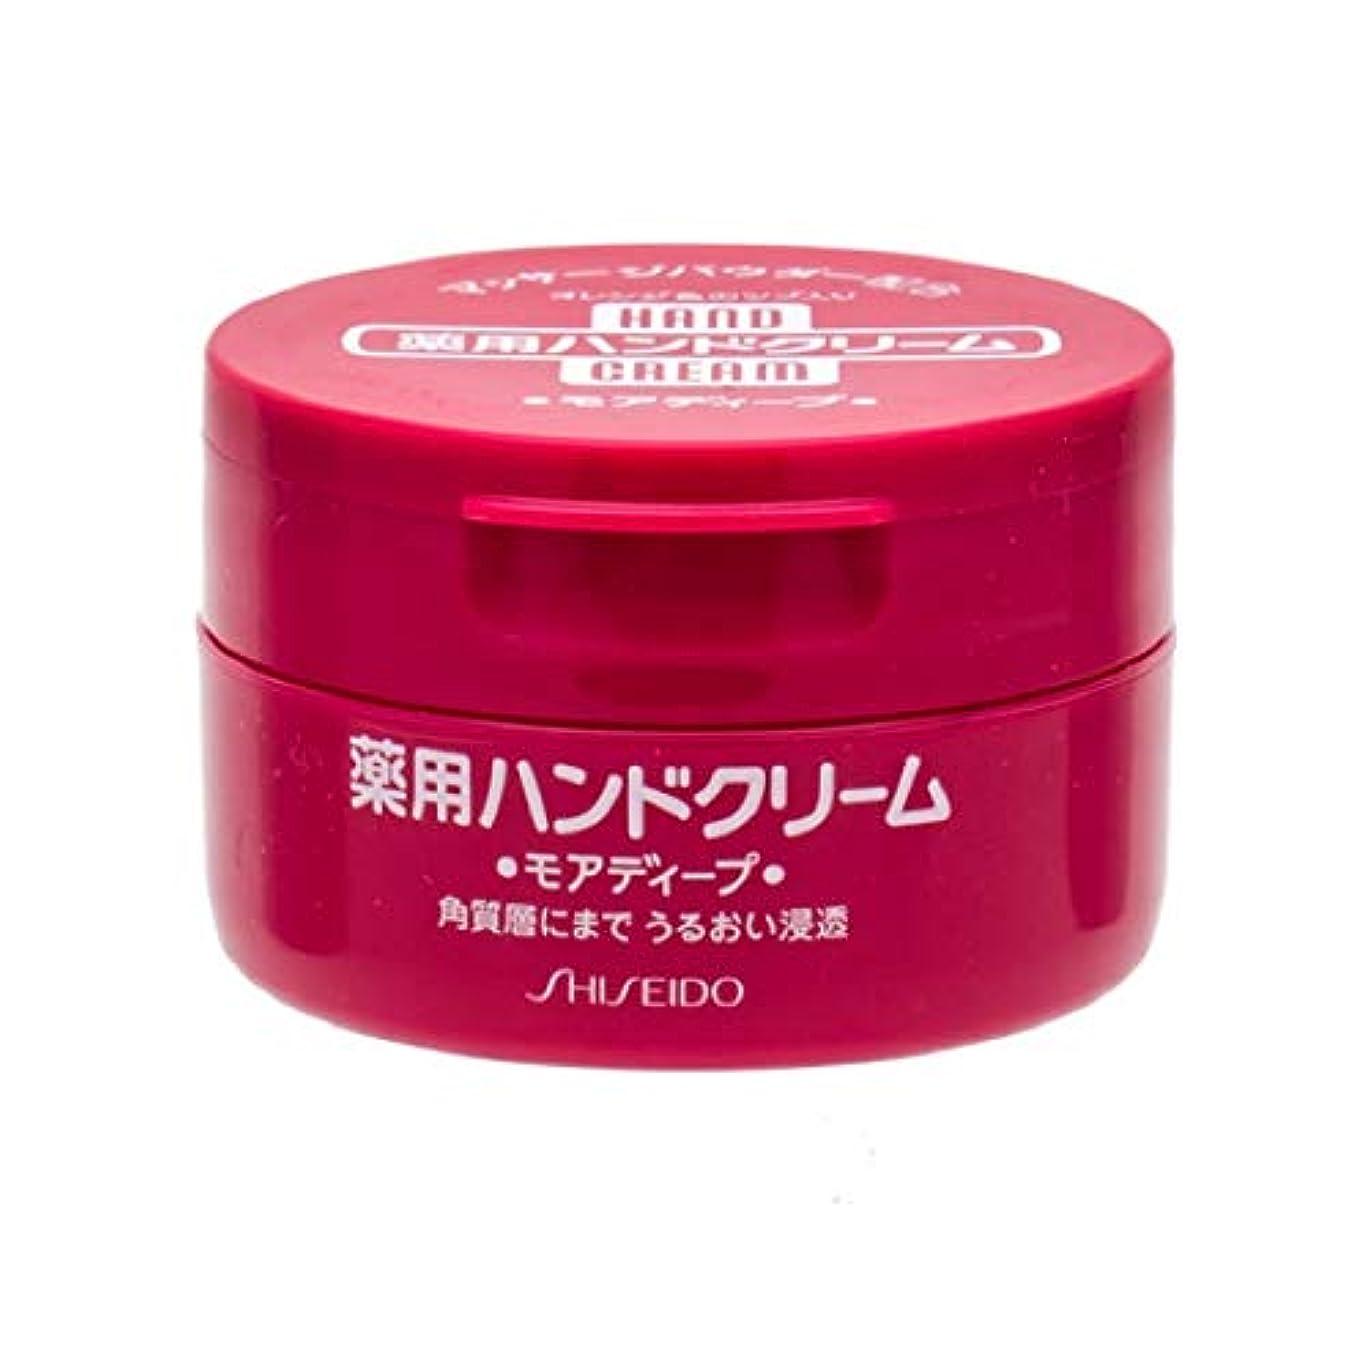 食料品店疲れた光資生堂 ハンドクリーム(薬用モアディープ) 100g 【医薬部外品】